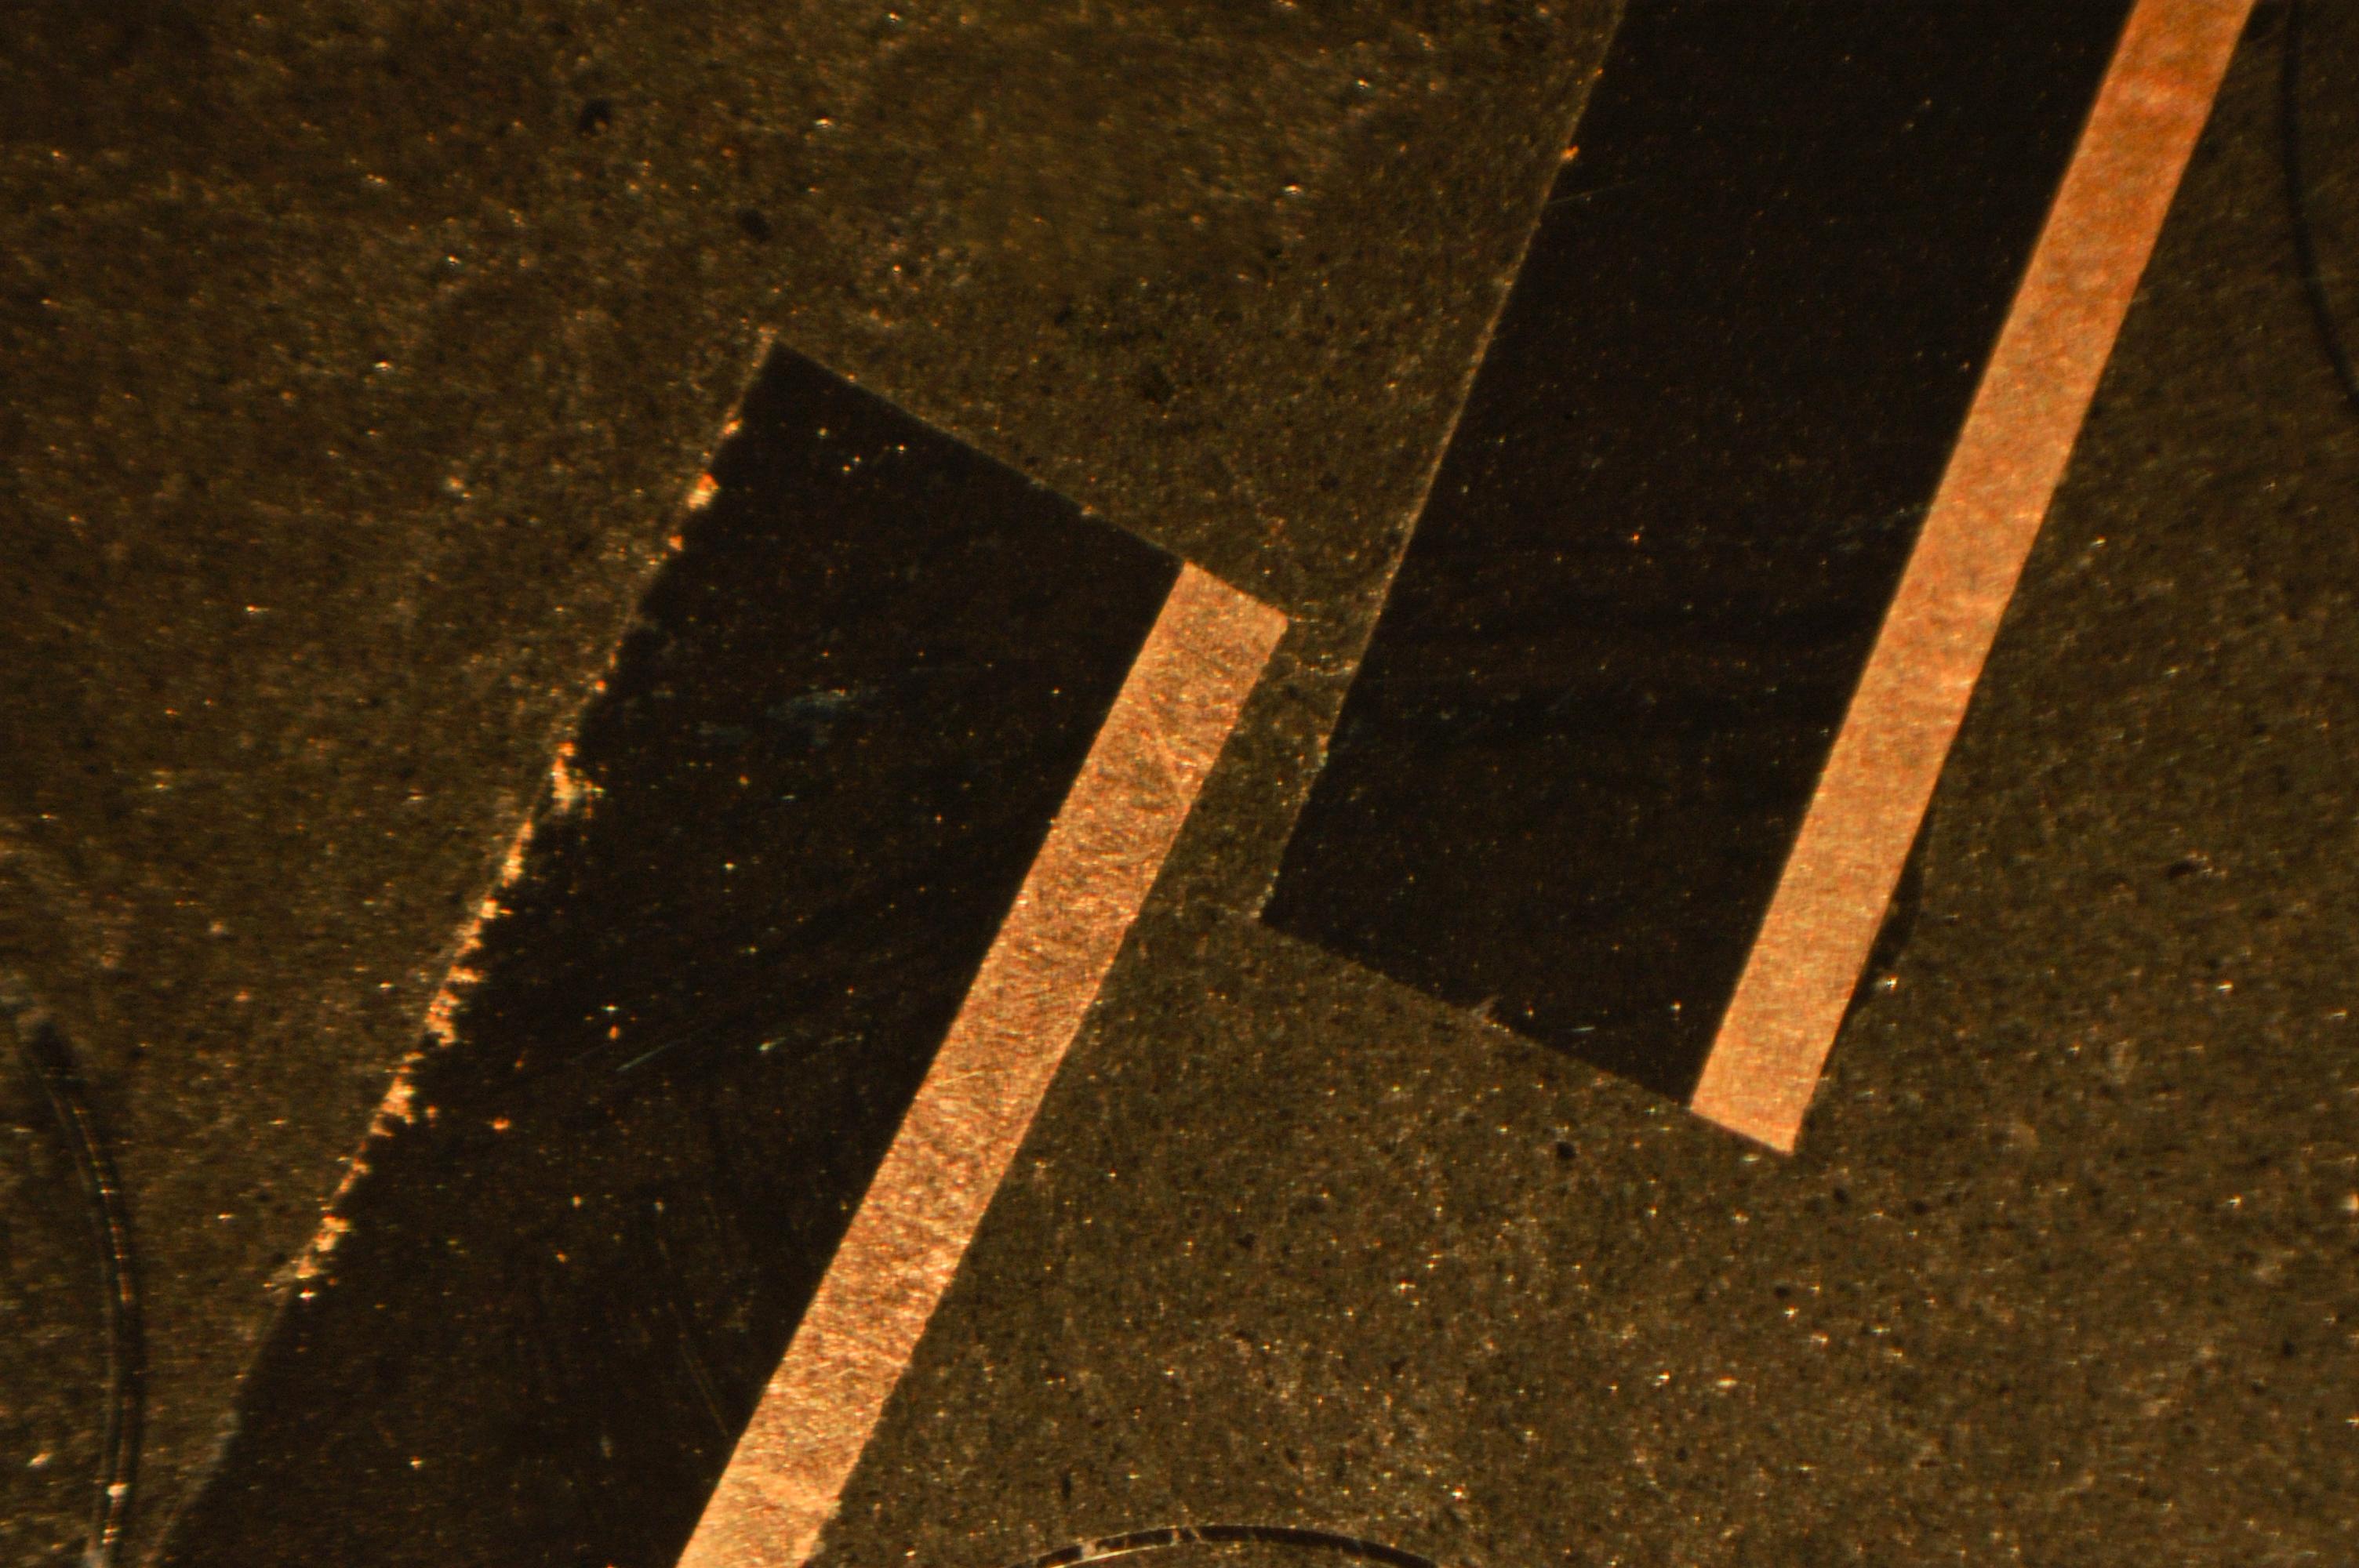 micrograph9.jpg